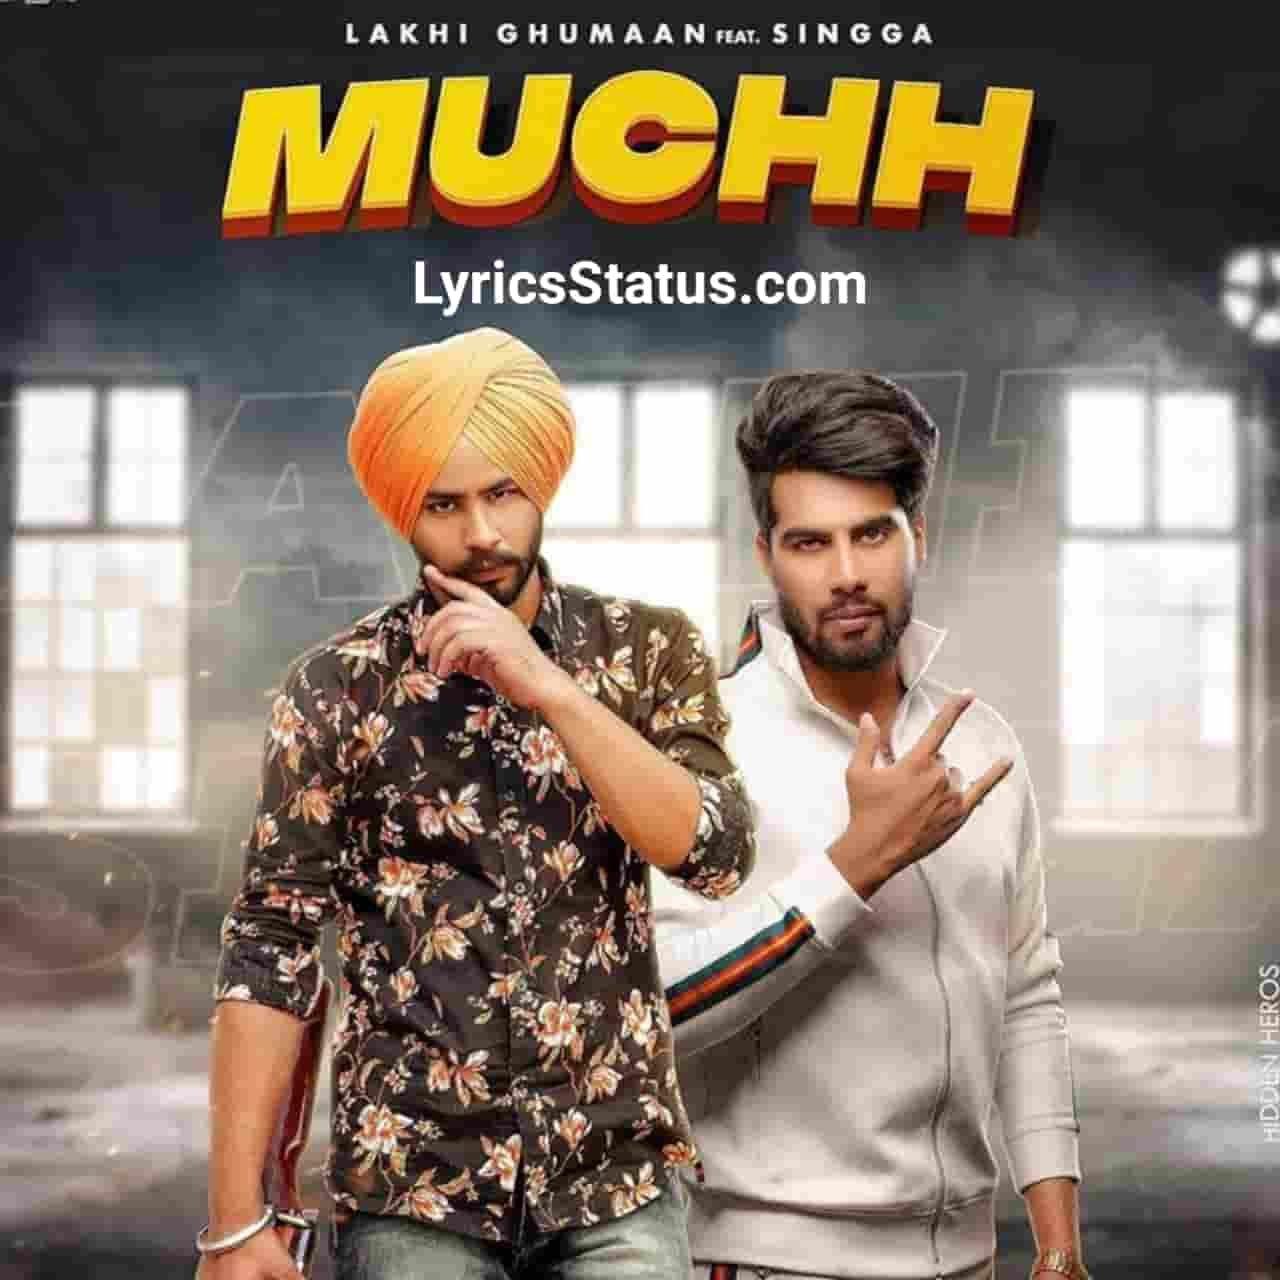 Singga Lakhi Ghumaan Charcha ch Muchh Lyrics status download Pehlan Dade diyan Muchhan Fer Bapu diyan Muchhan Hun Charcha ch Muchh tere yaar di